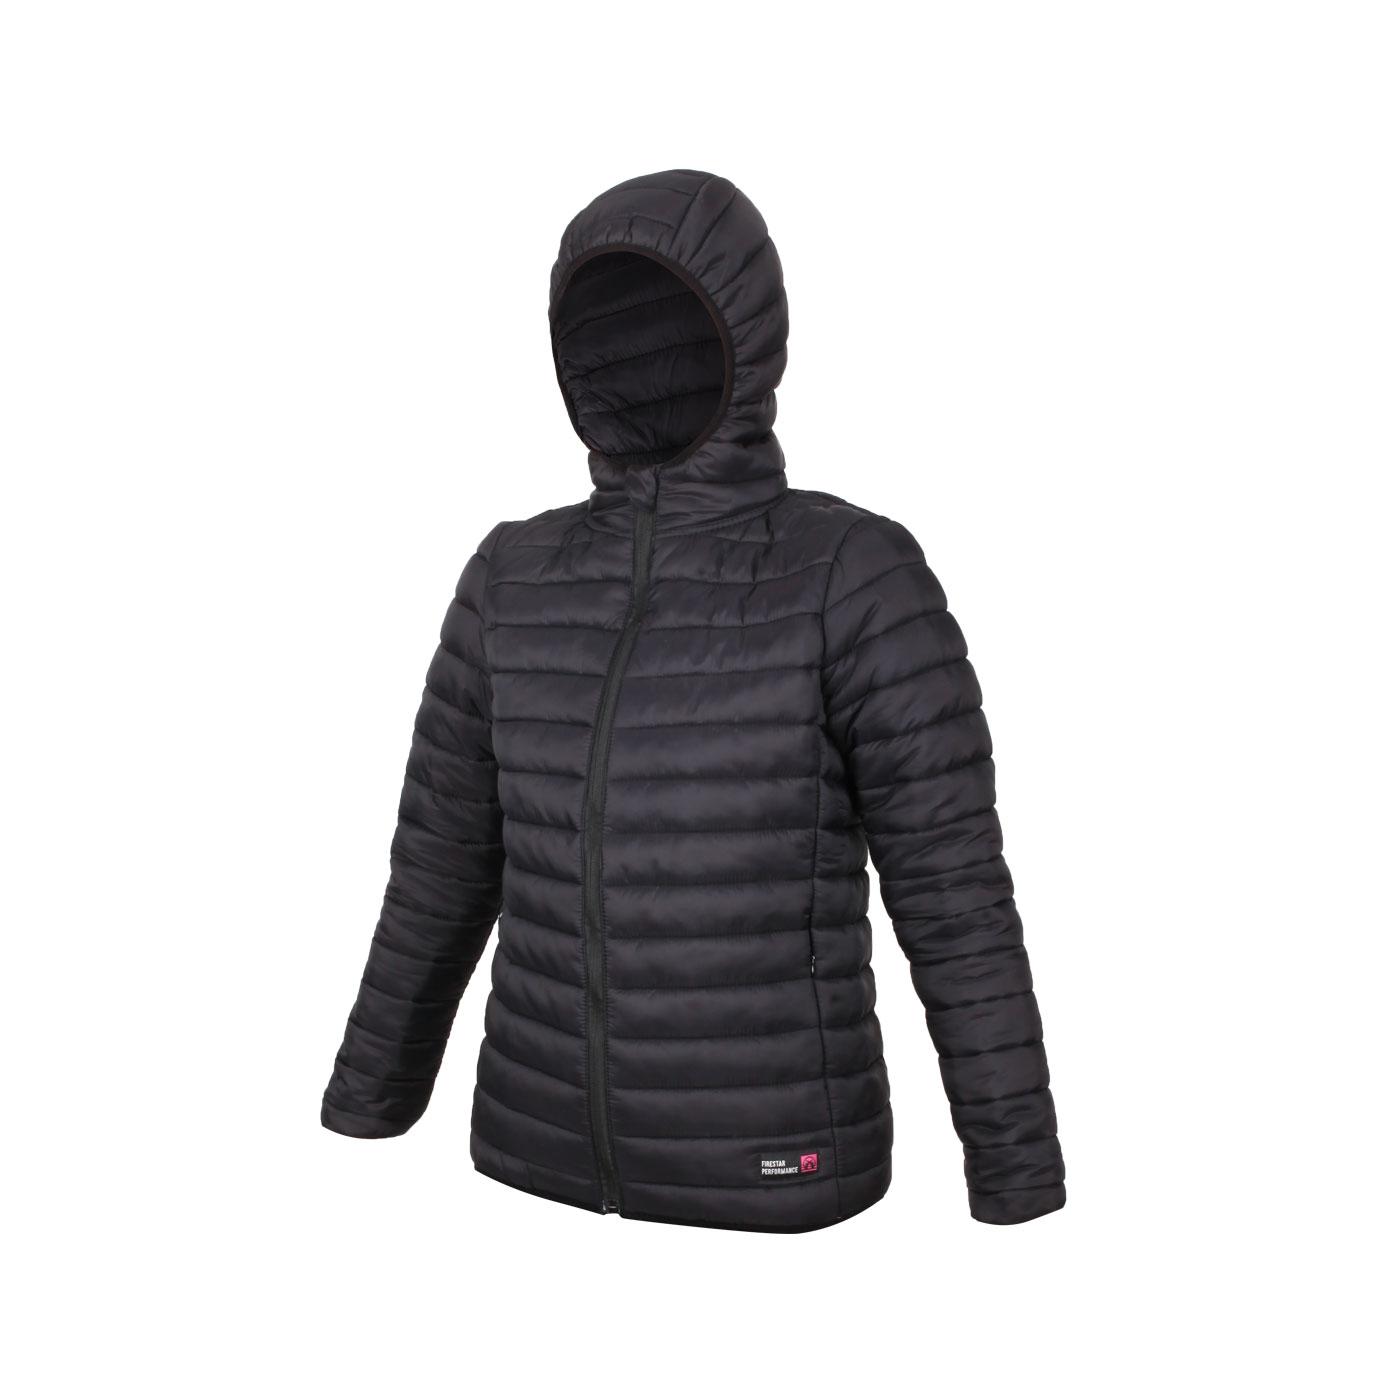 FIRESTAR 女款連帽鋪棉外套 HL038-10 - 黑